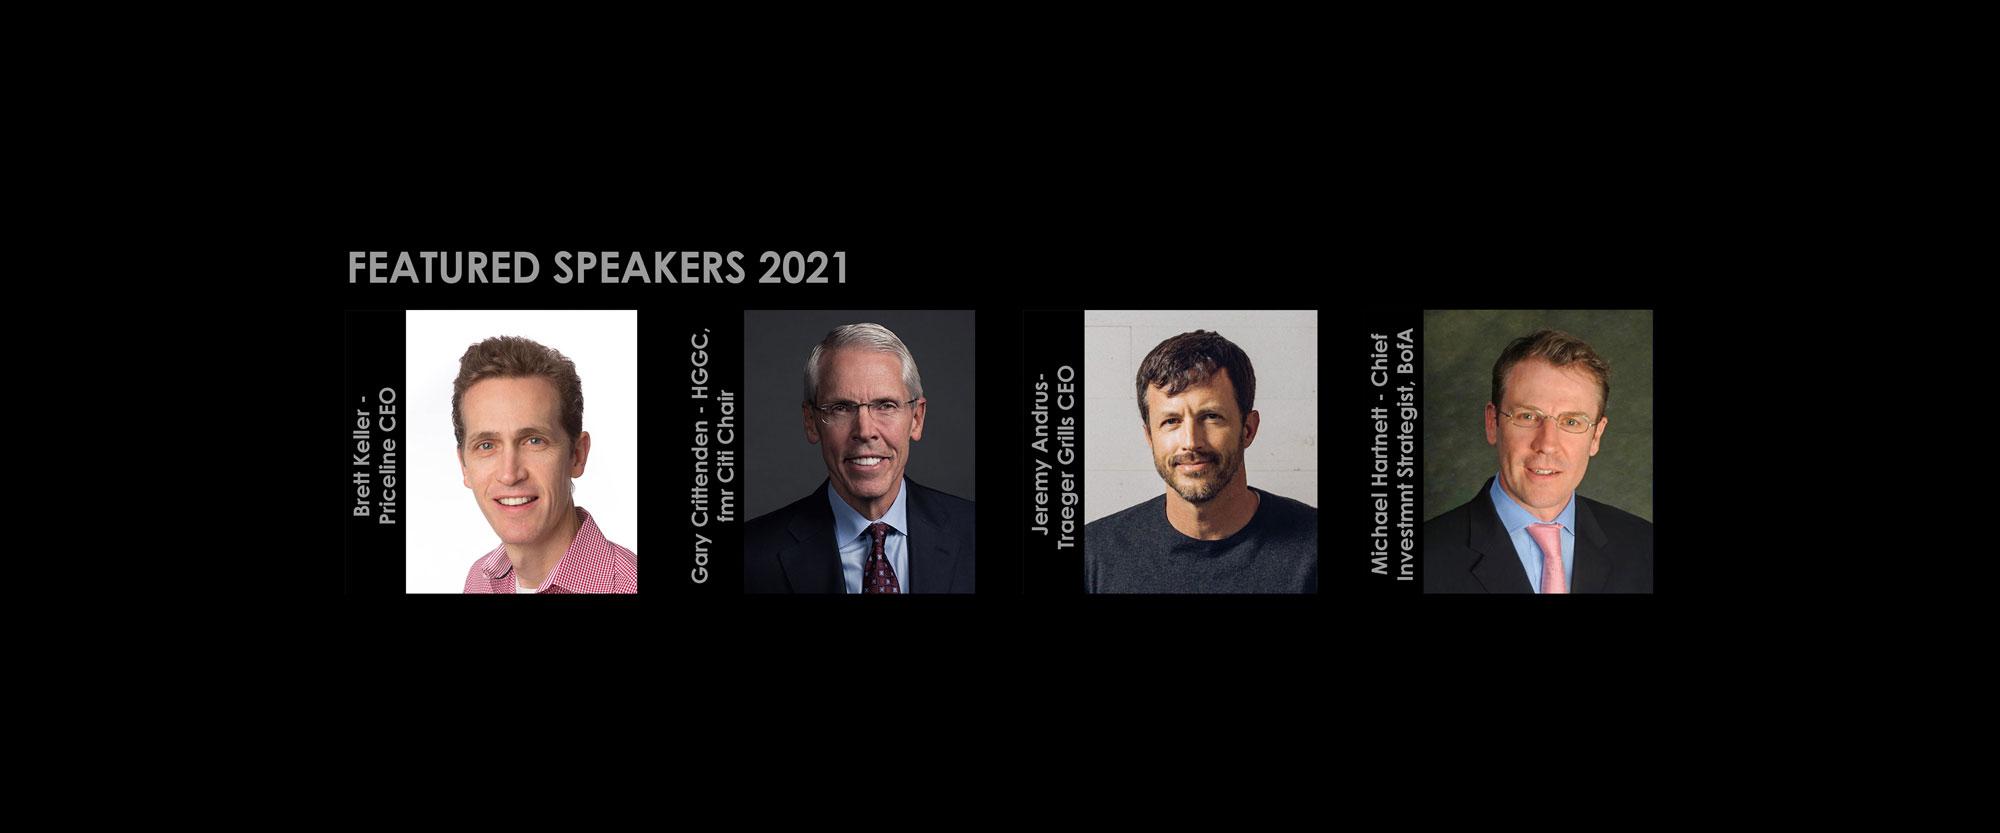 Agenda-Featured-Speakers_2021